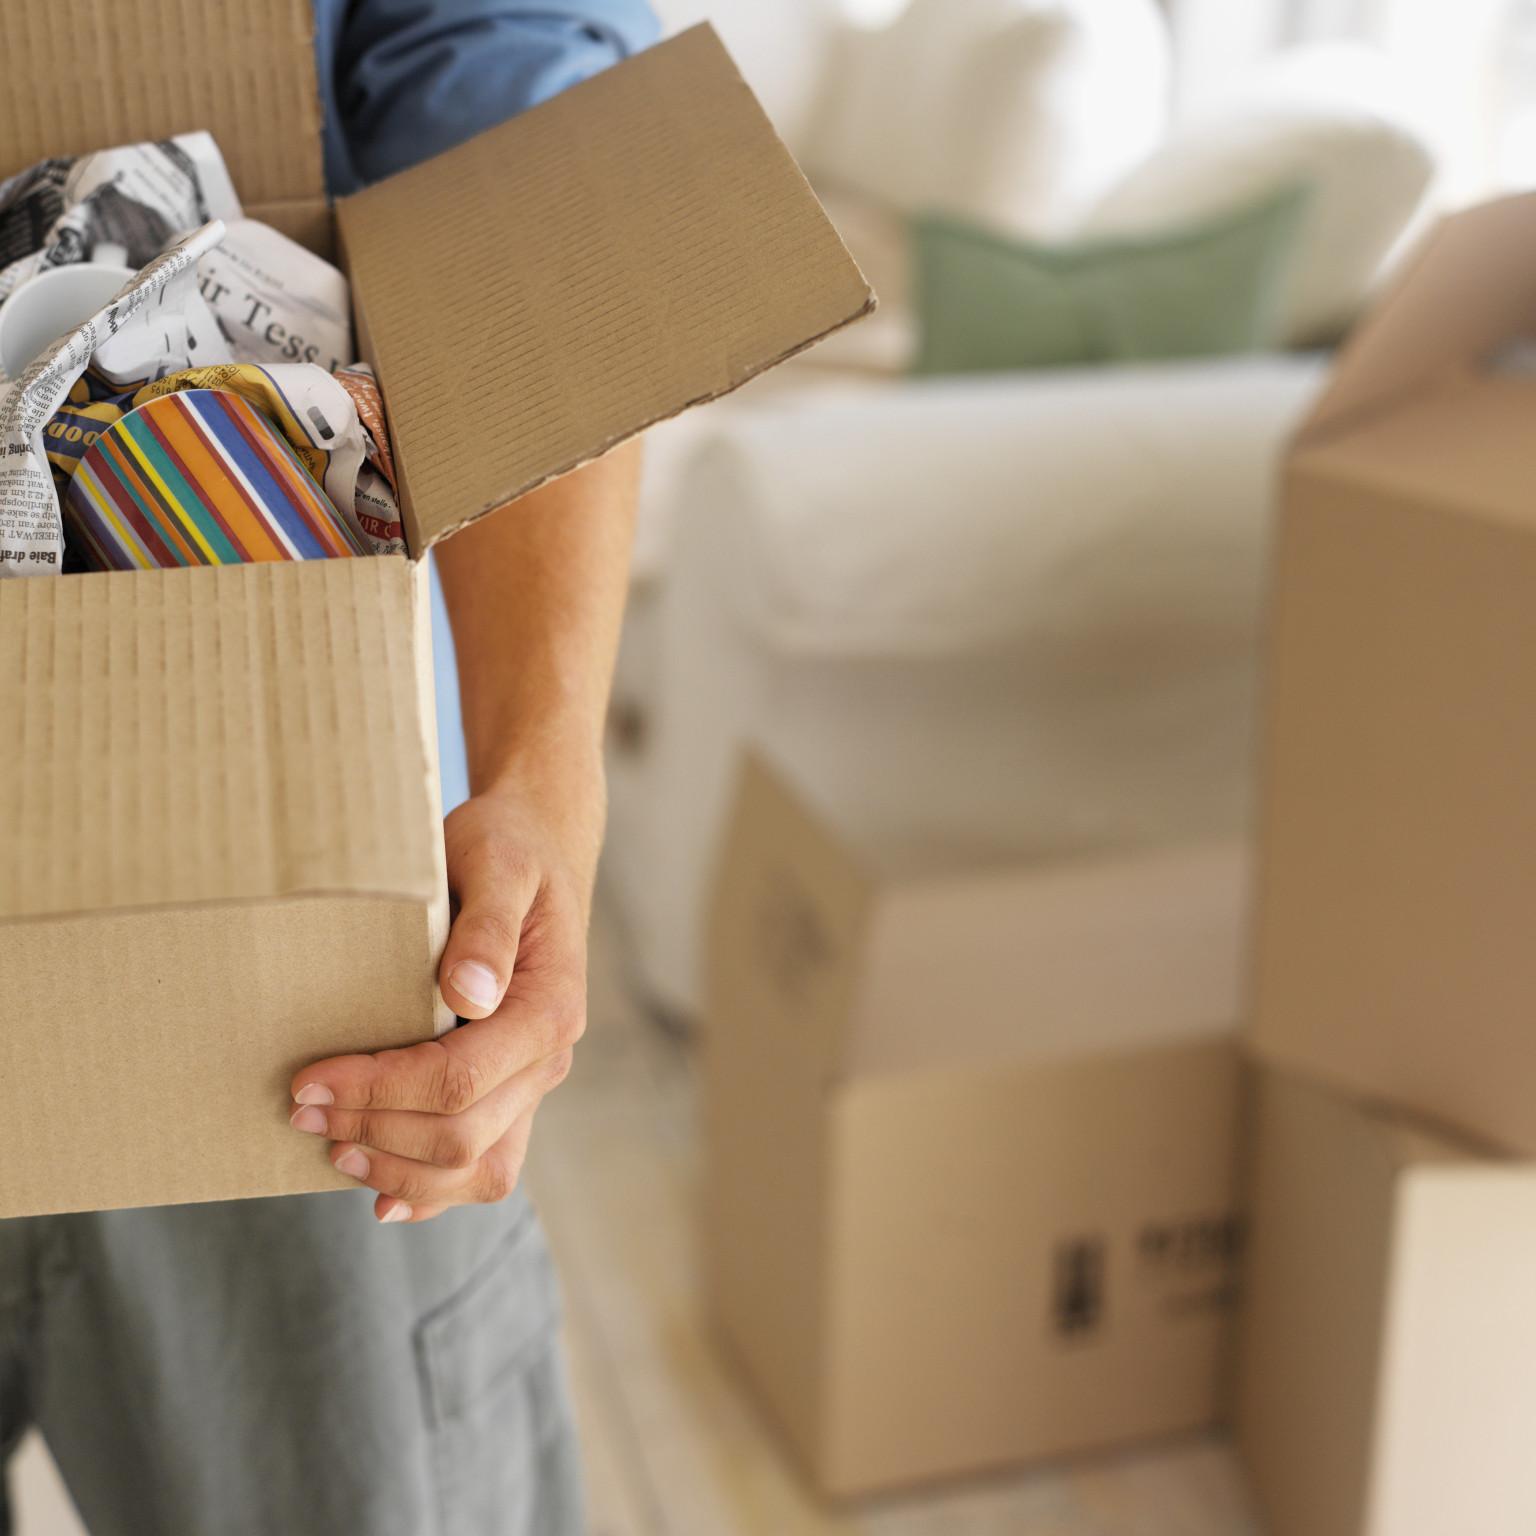 بسته بندی اسباب و اثاث منزل